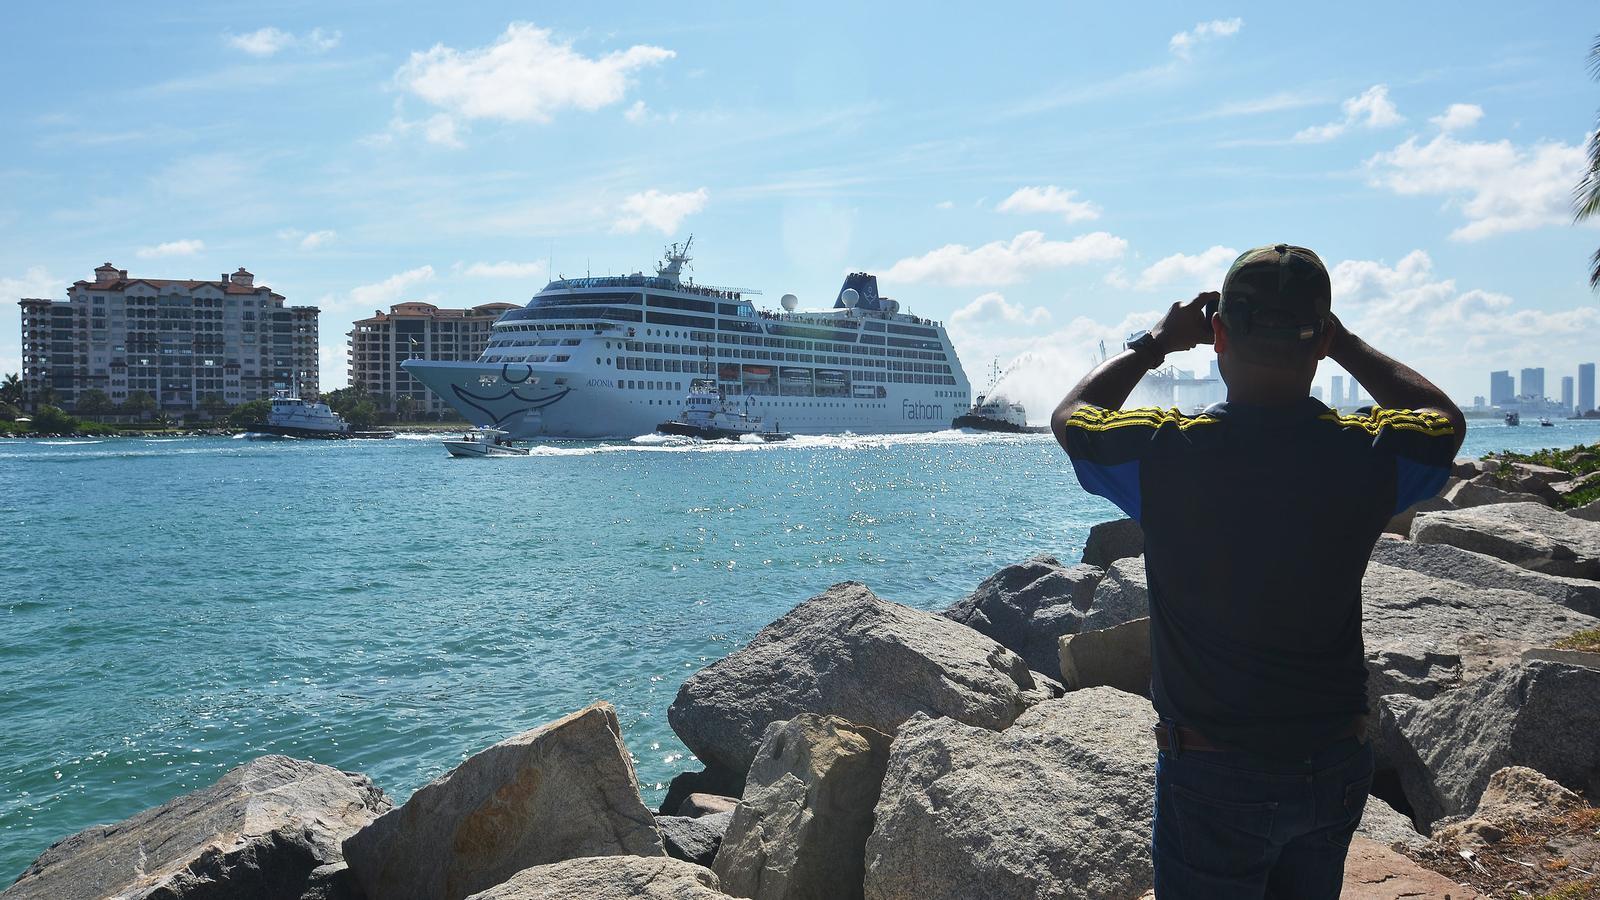 Un home fotografia l'Adonia mentre surt de Miami cap a l'Havana